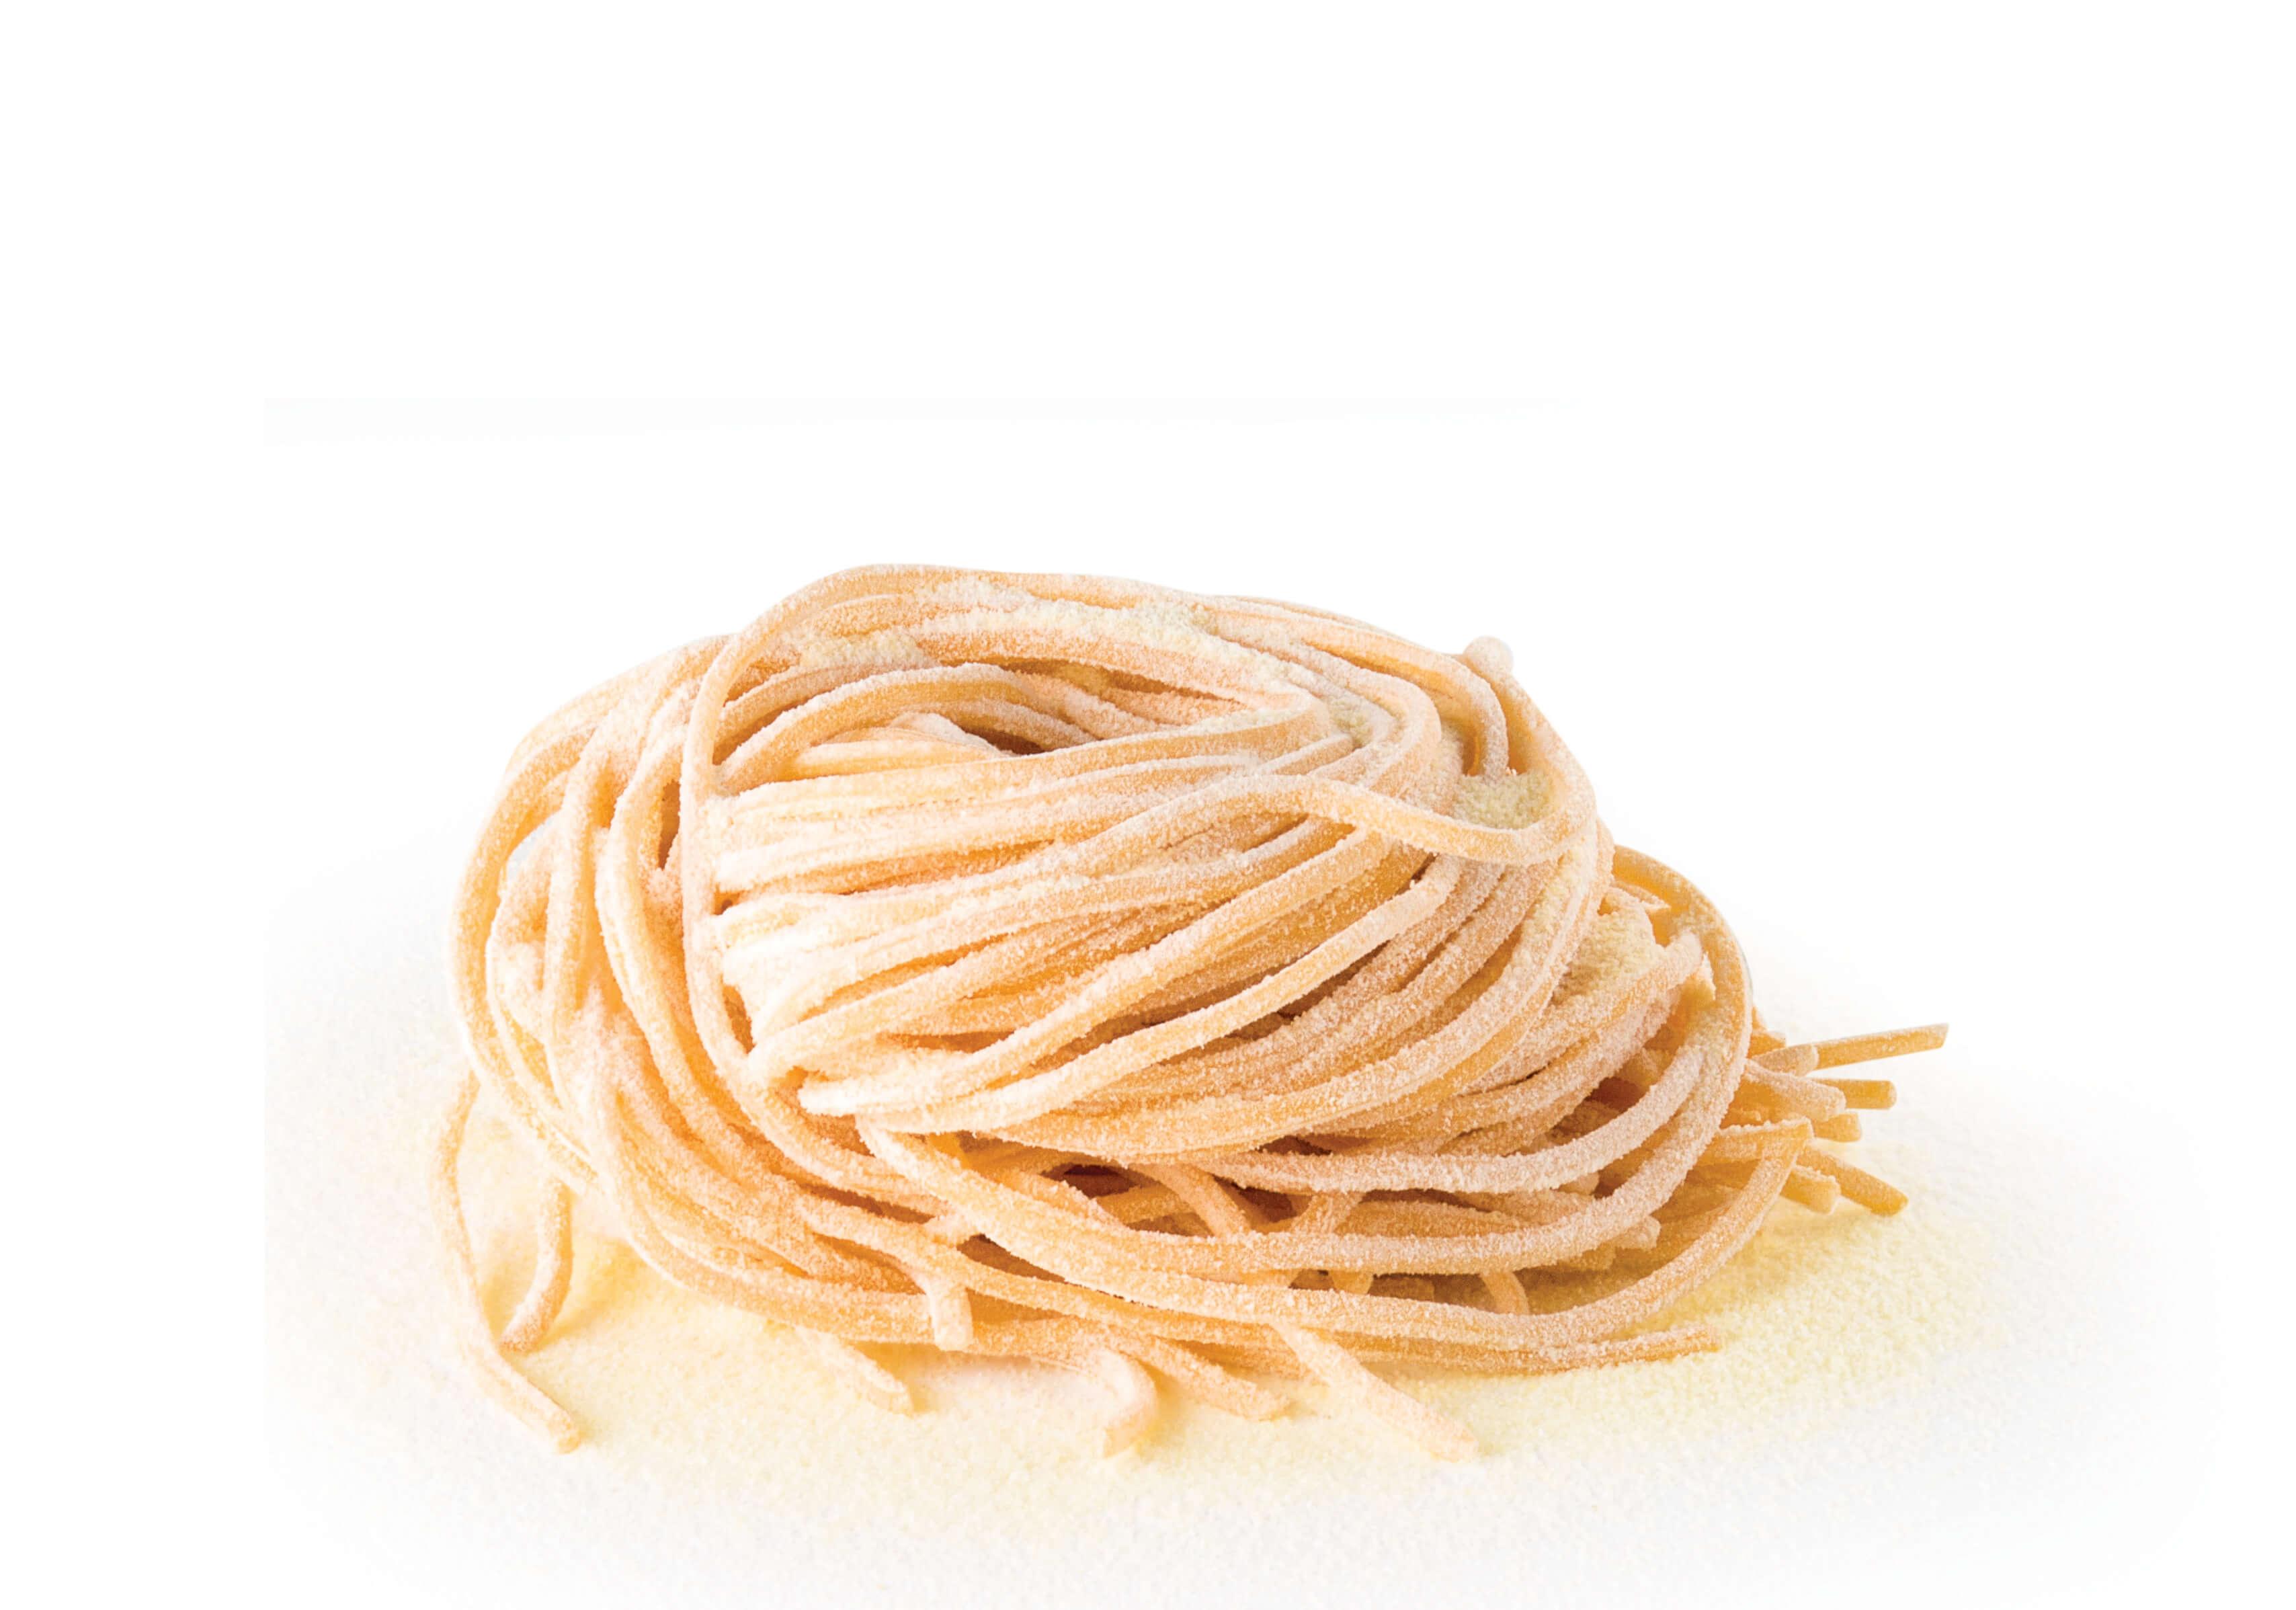 ספגטי, פסטה ארוכה